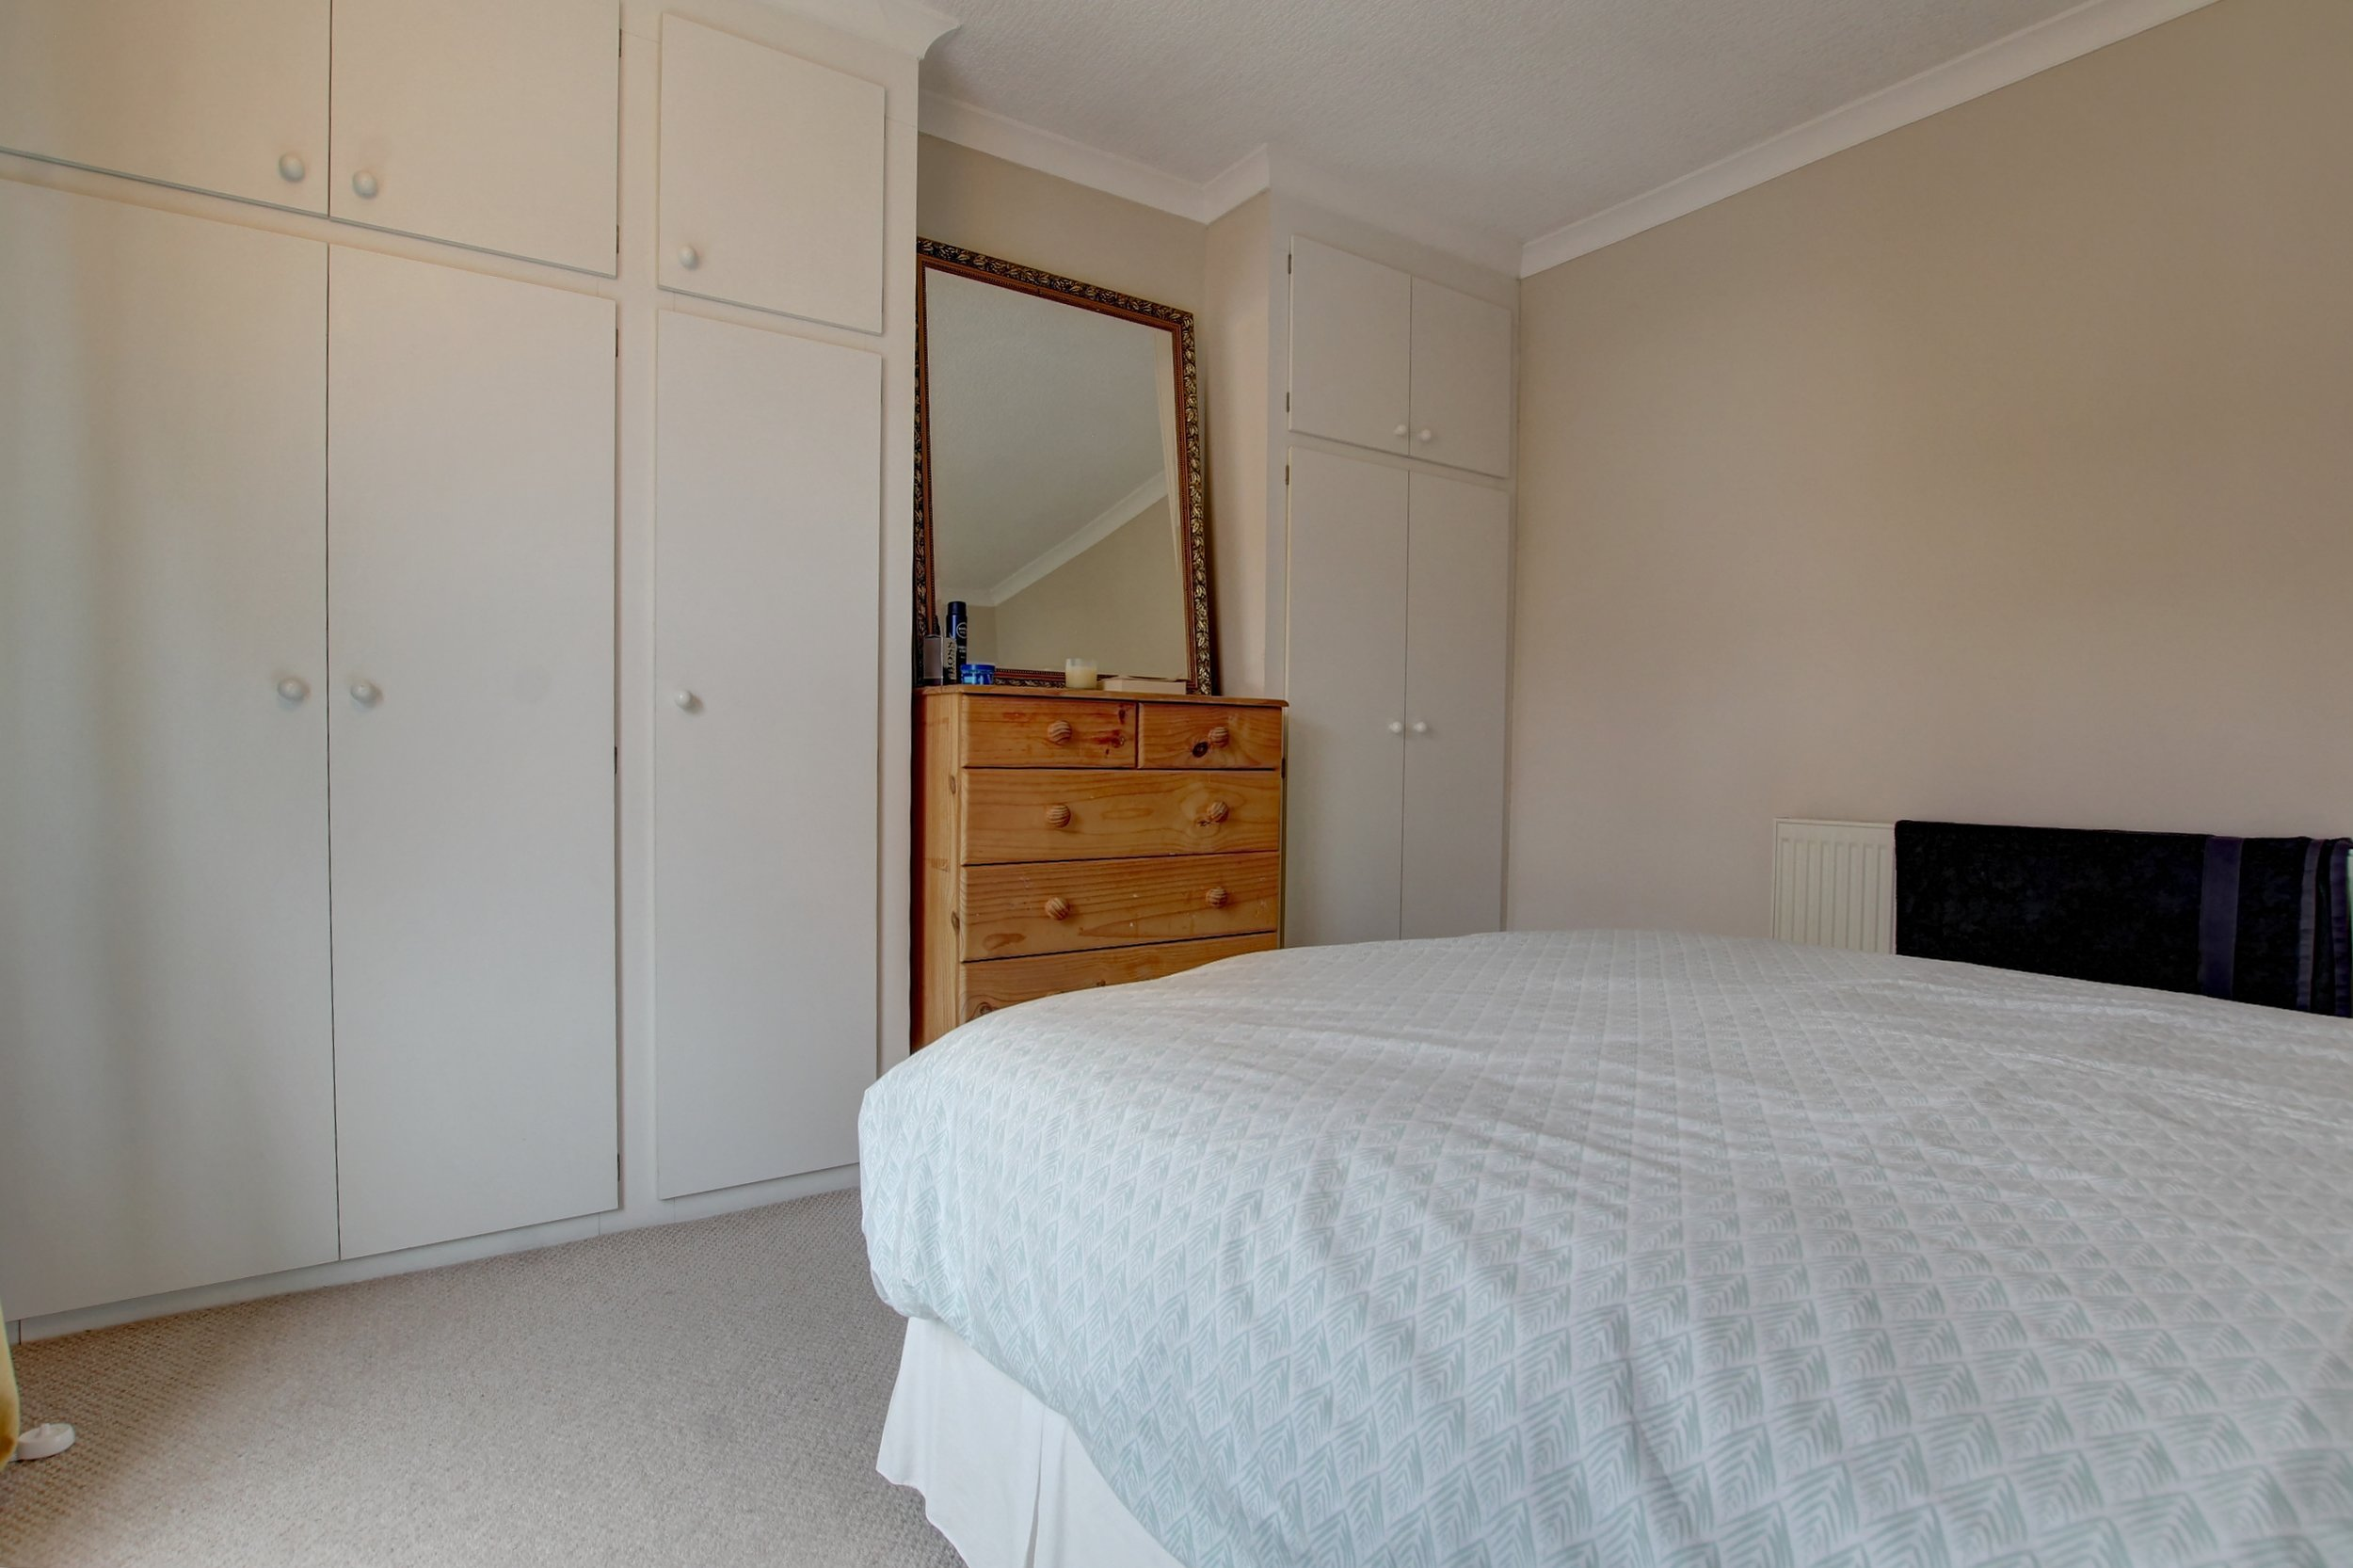 19 bedroom one.jpg